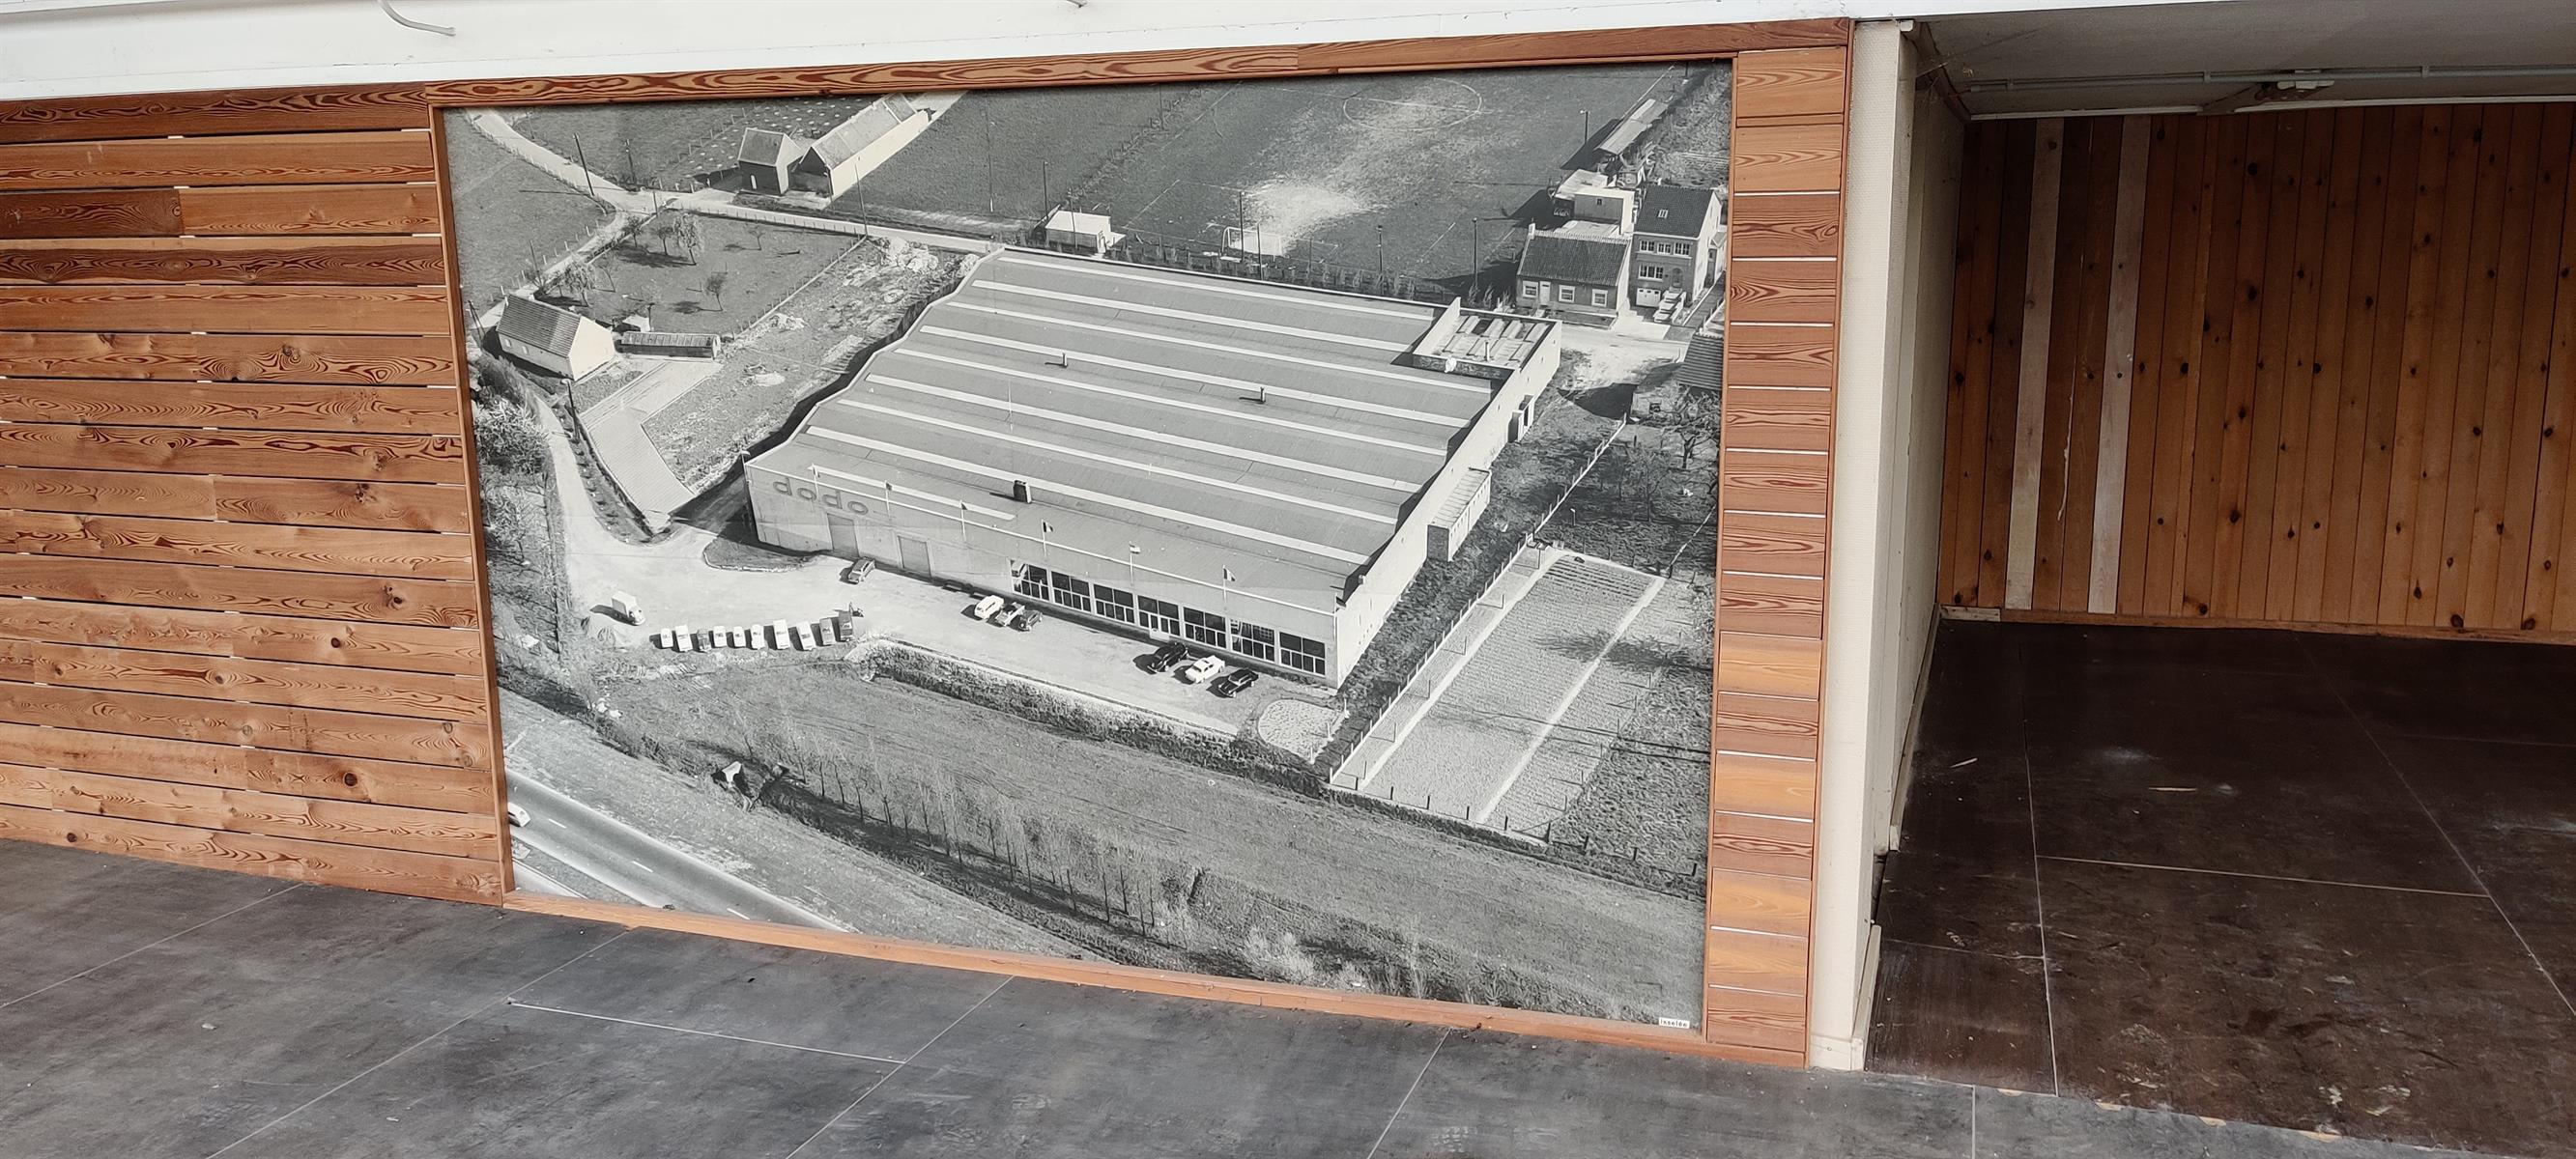 gebouw voor gemengd gebruik te huur I158 - Lumbeekstraat 38, 1700 Dilbeek Sint-Ulriks-Kapelle, België 19